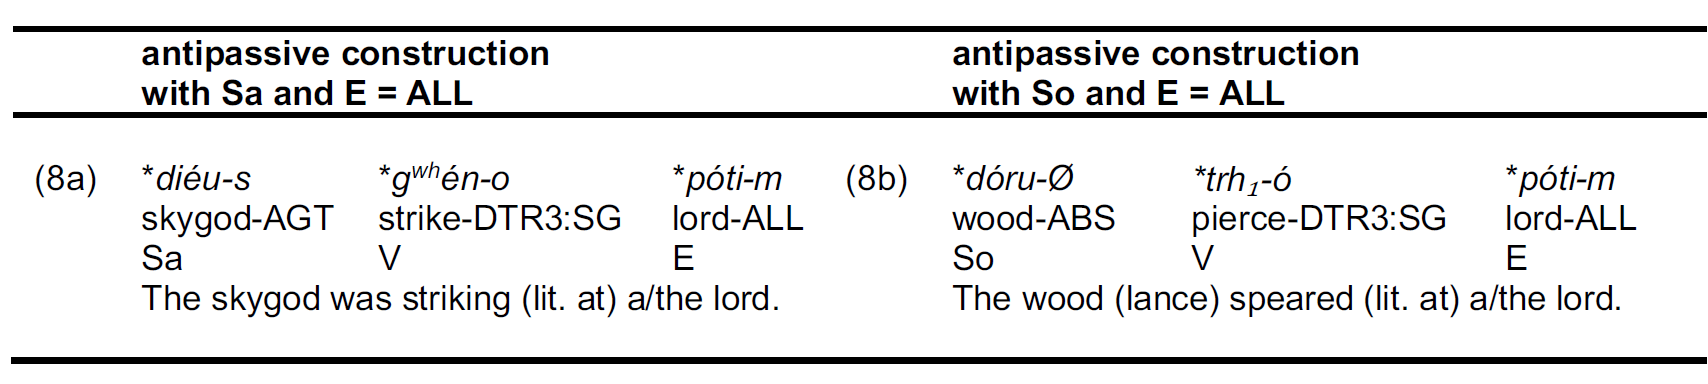 antipassive-indo-european